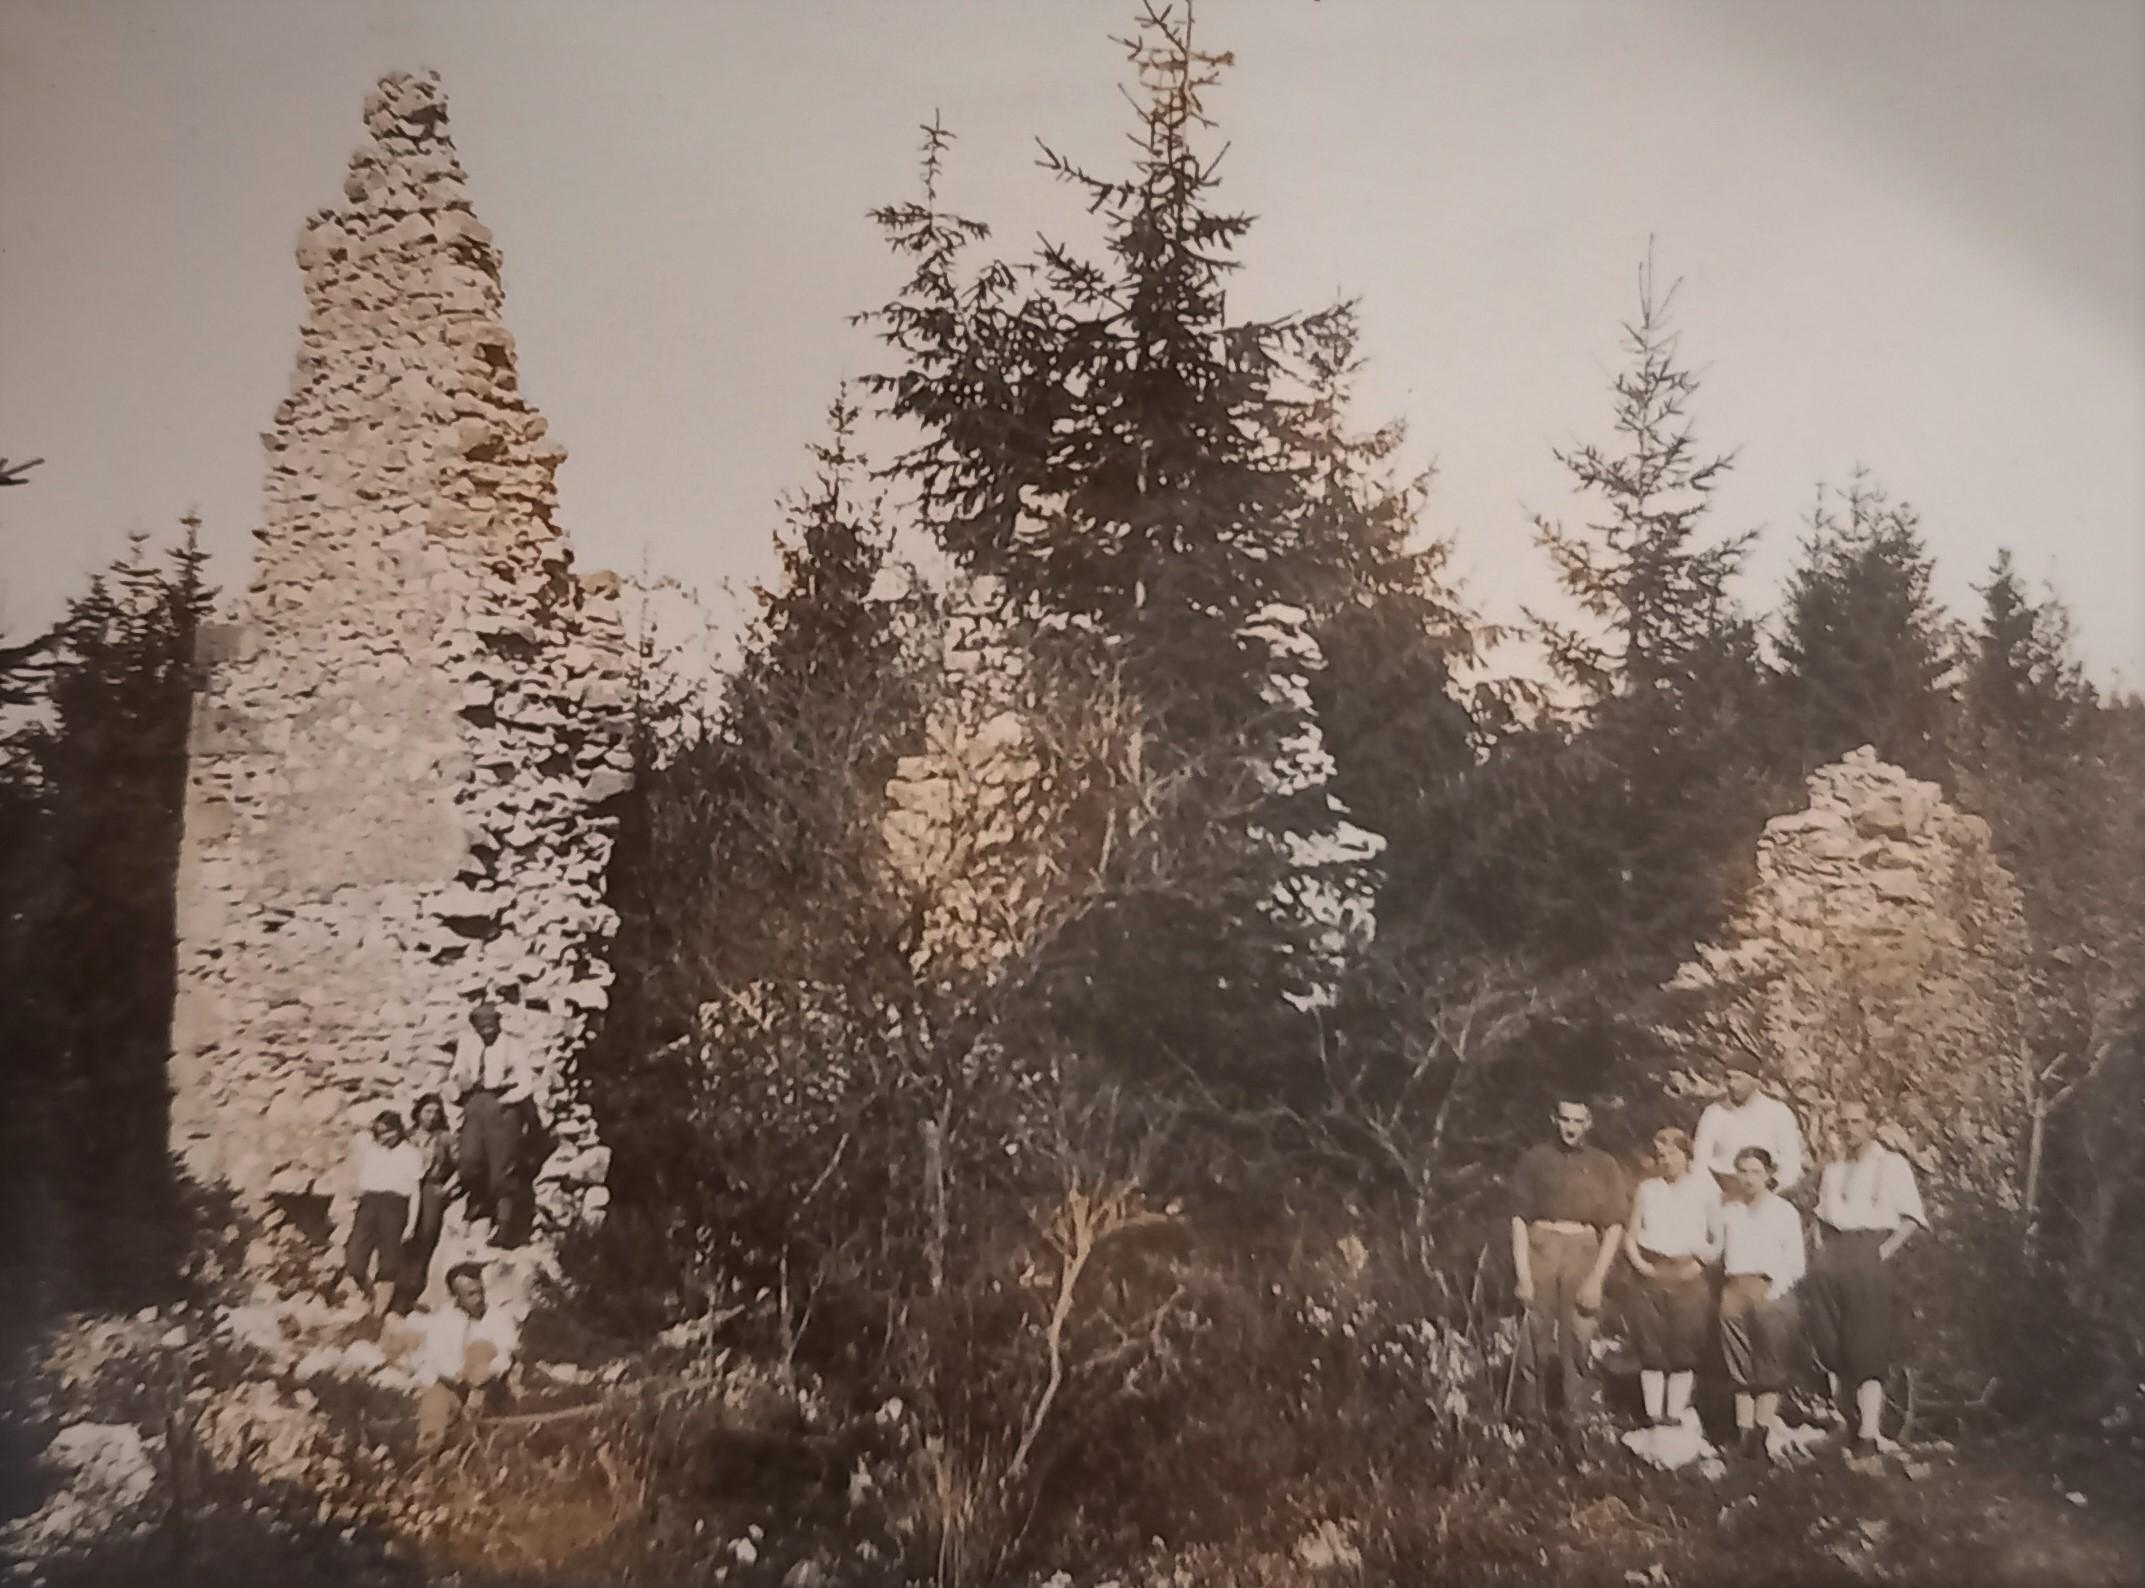 Vruinách kartuziánskeho kláštora vmáji 1930